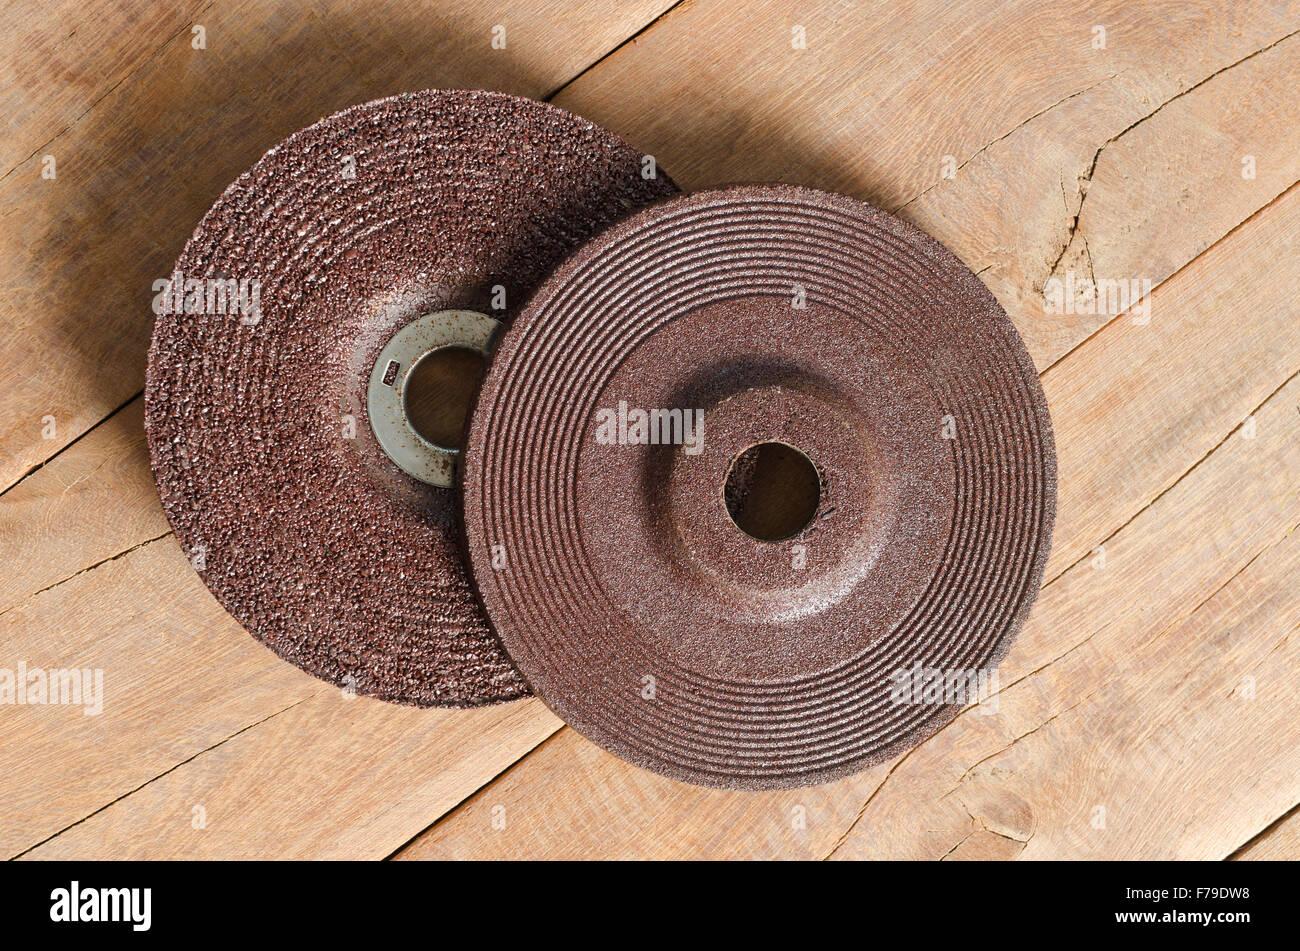 Blade grinder  abrasive flap grinding disc. - Stock Image